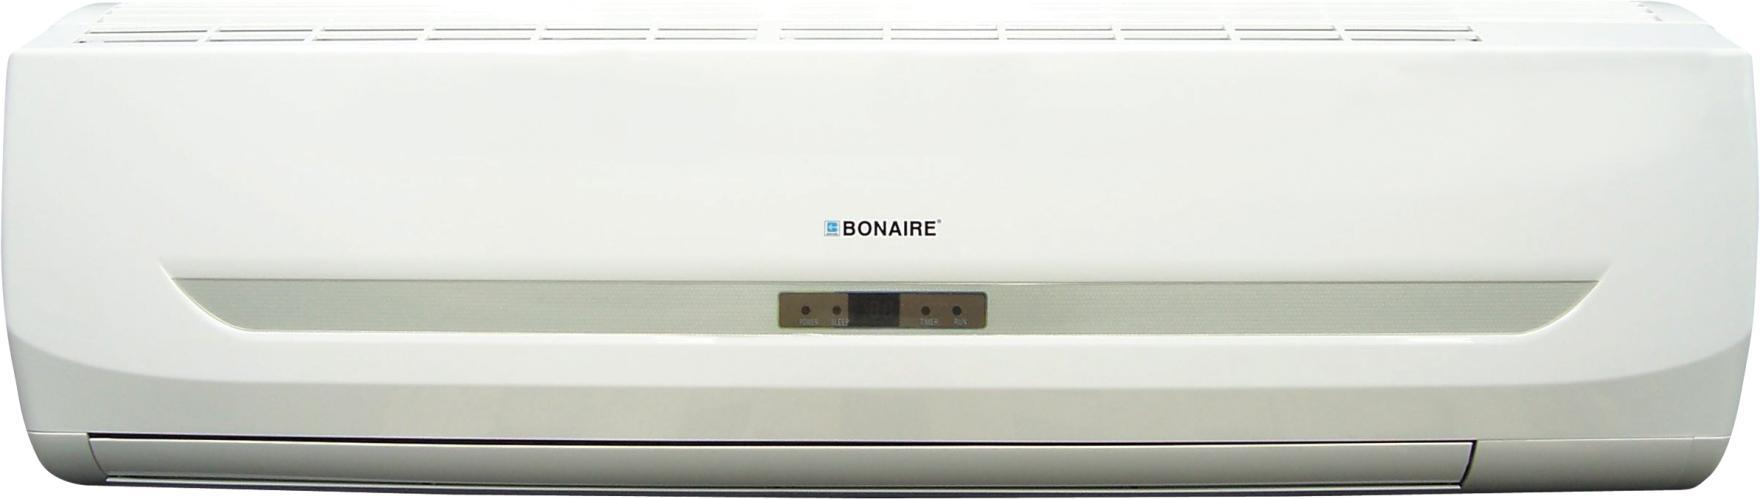 Bonaire BH70